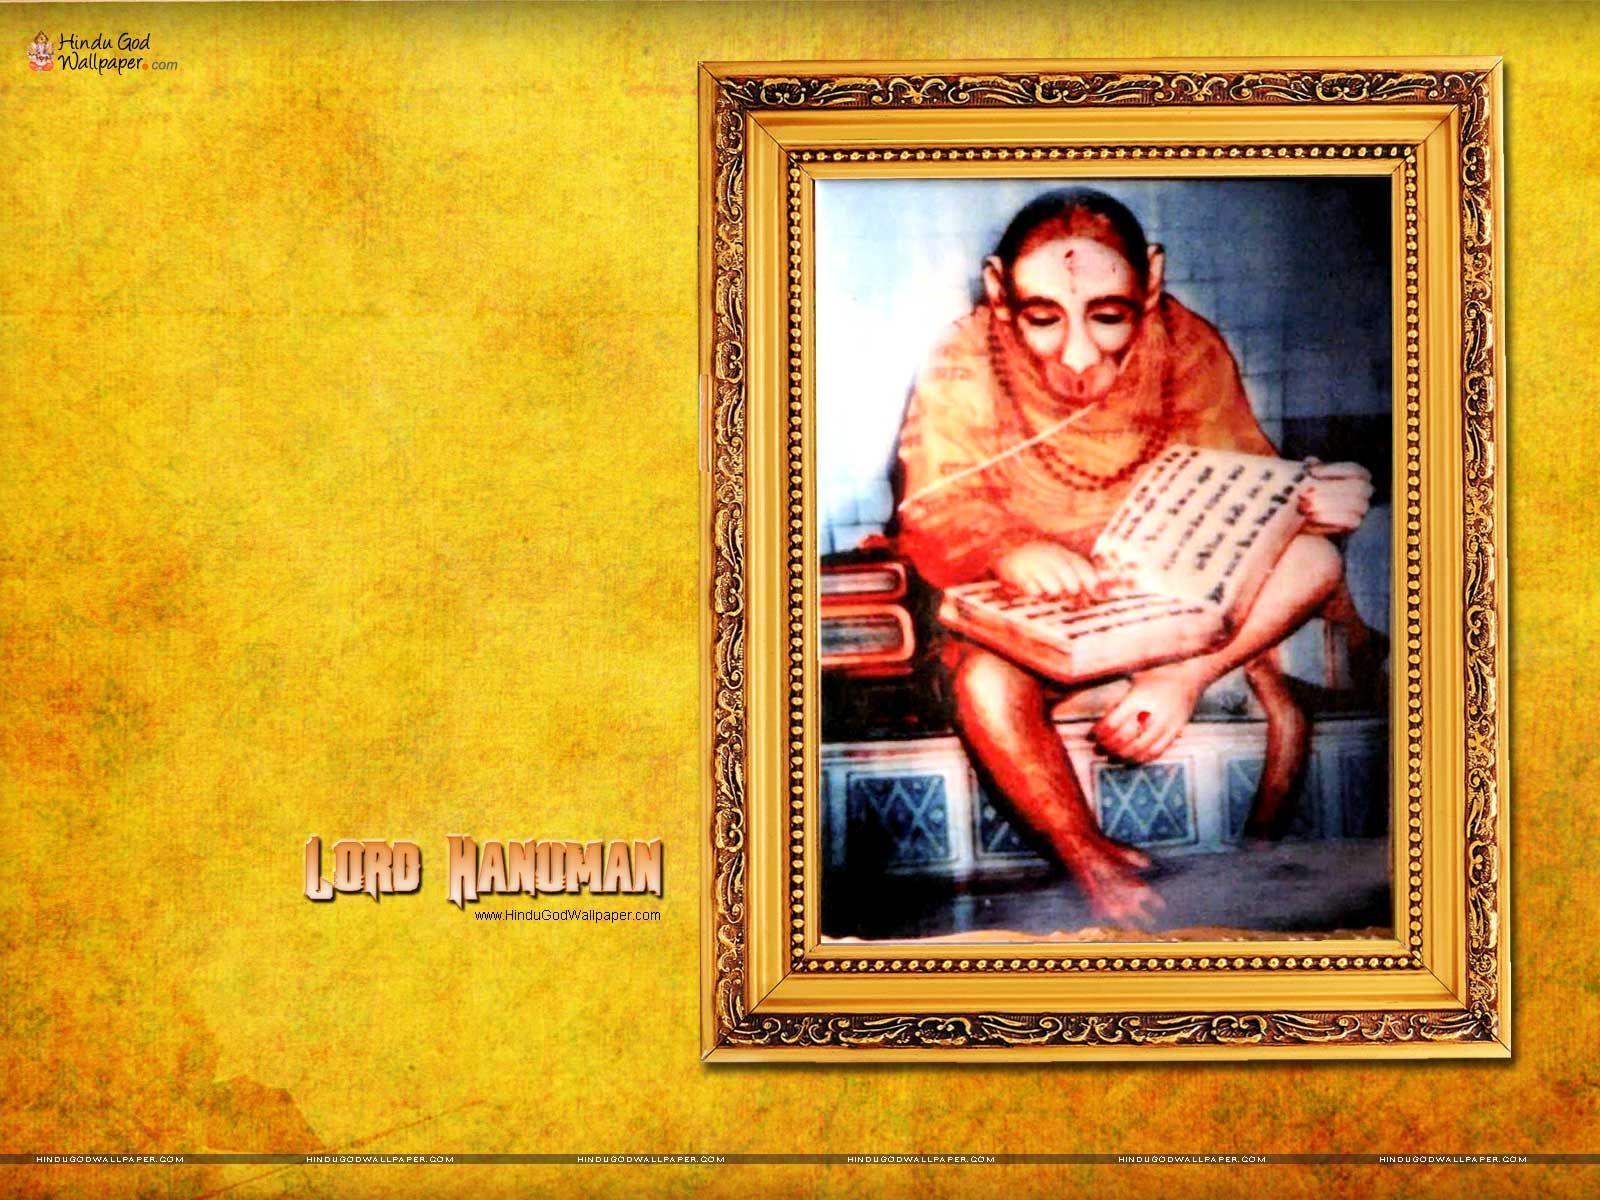 original hanuman wallpaper download lord hanuman